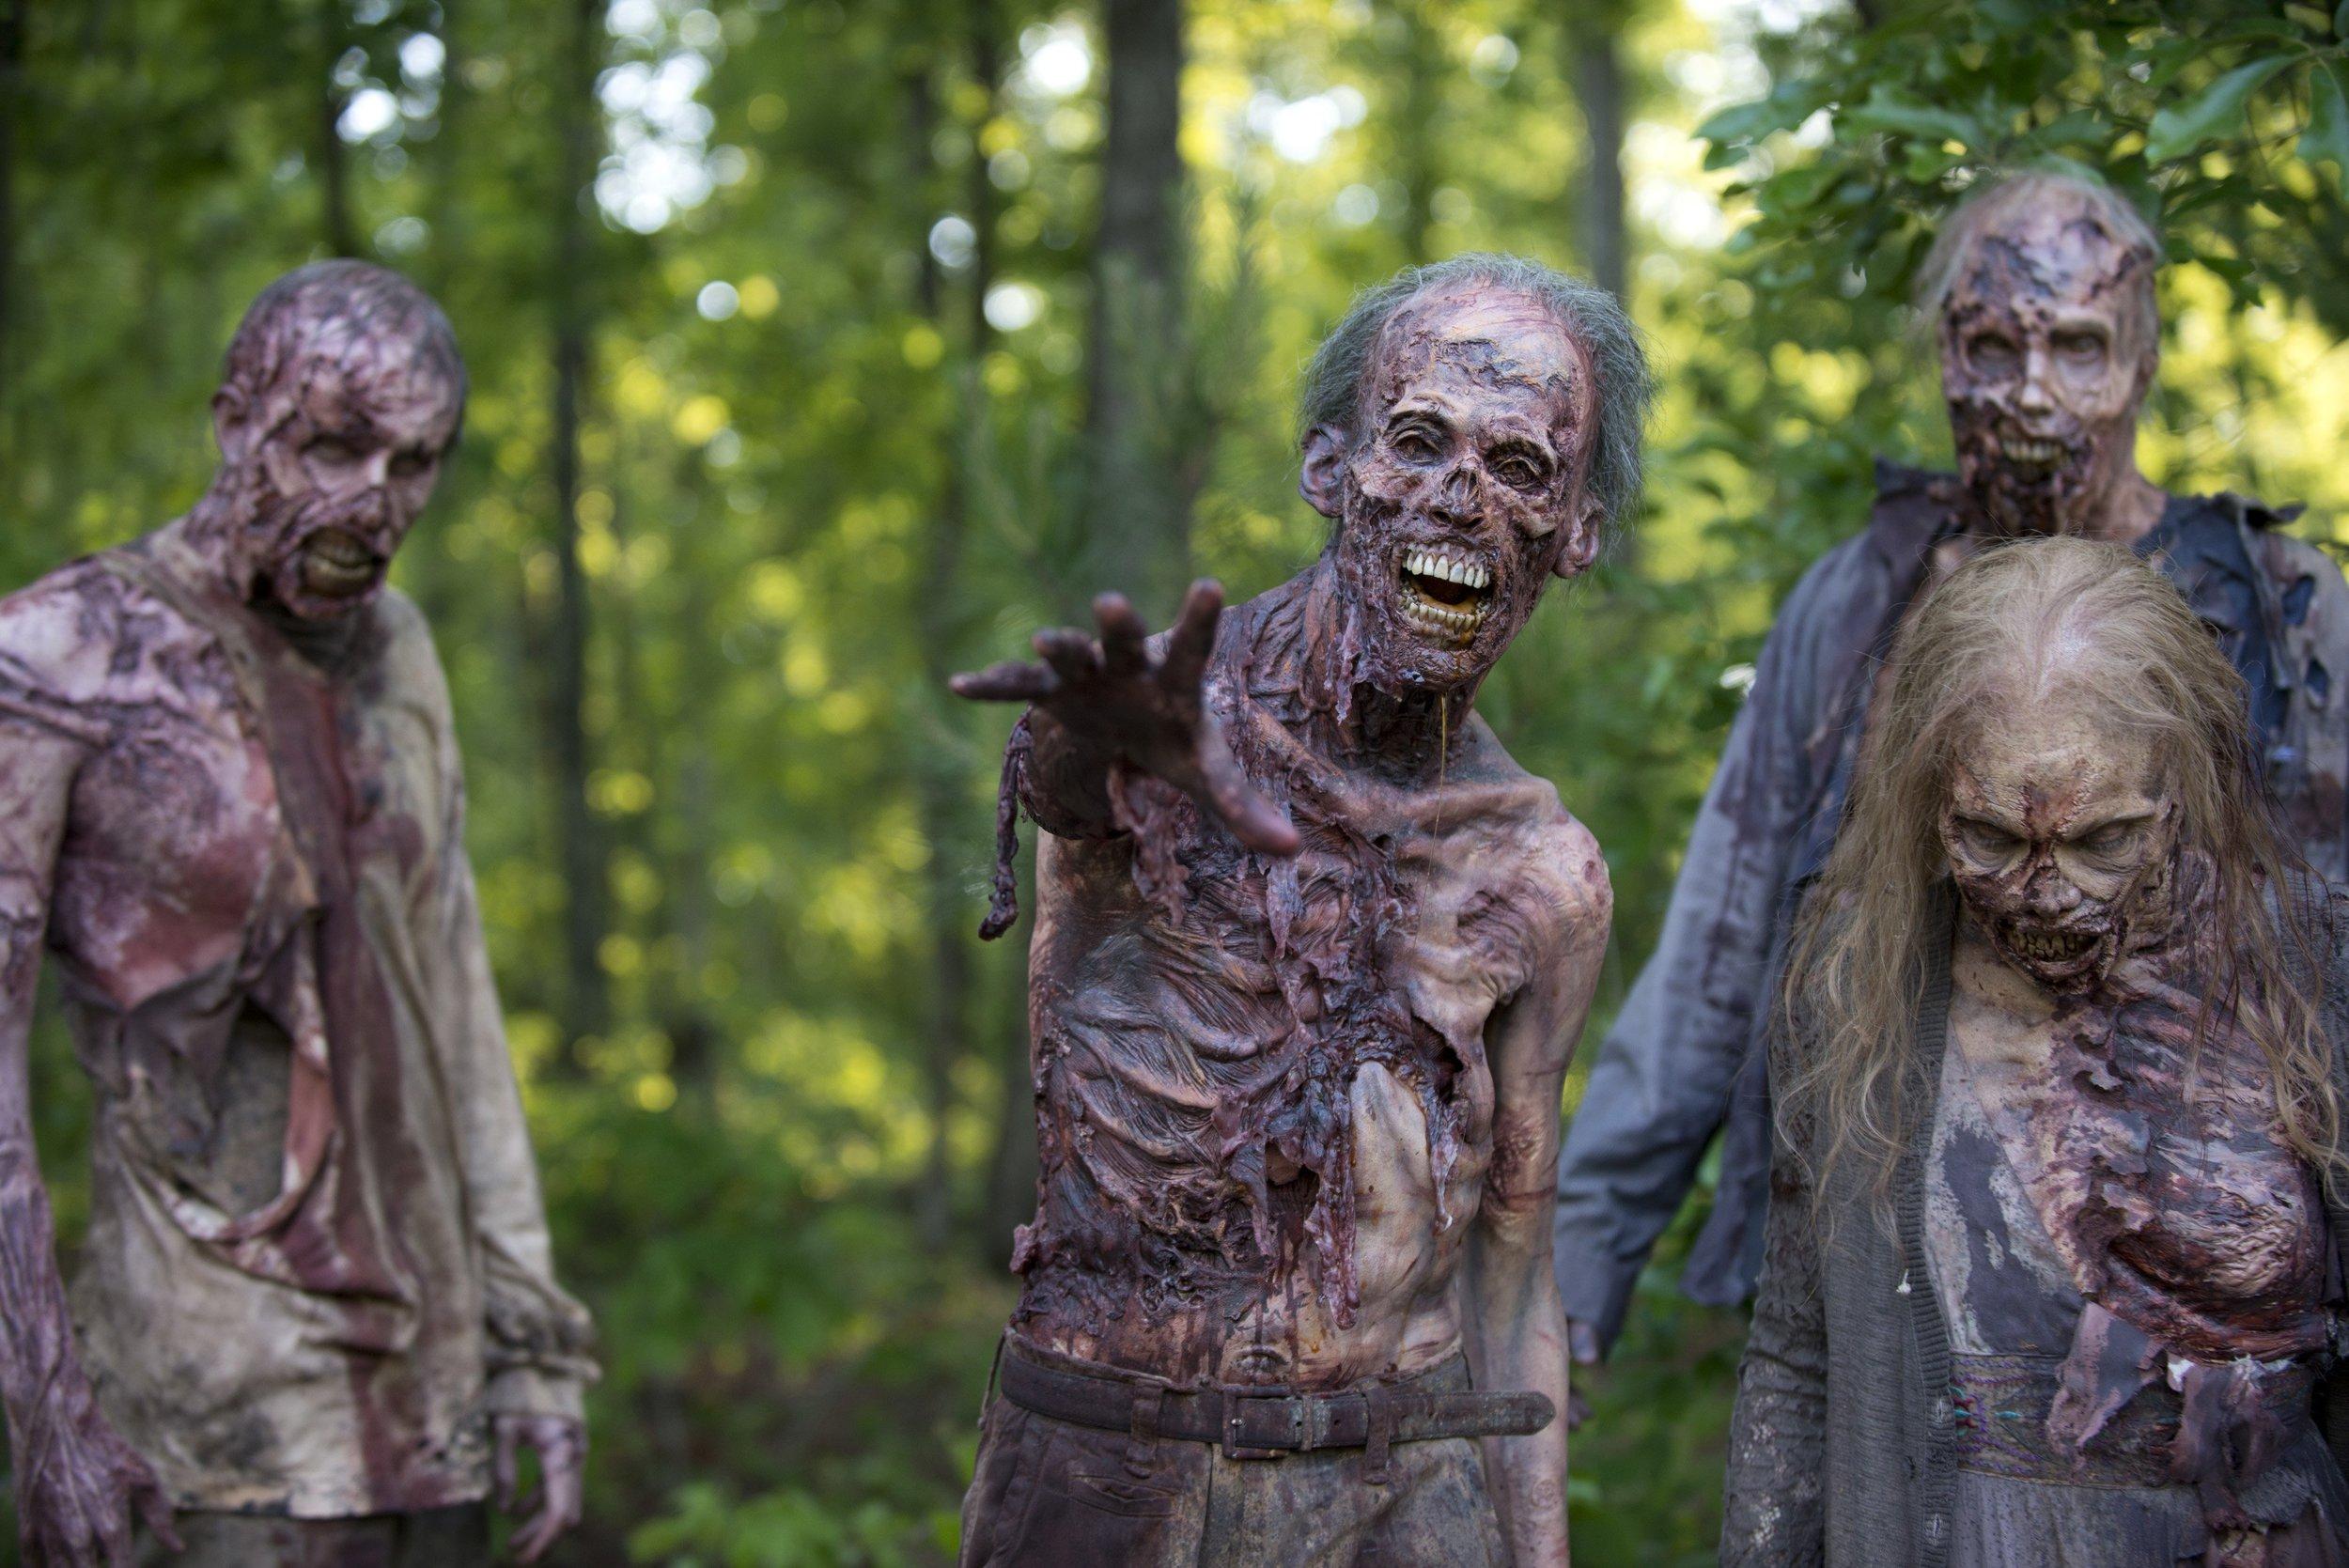 zombie-drug-reaches-brazil_2.jpg